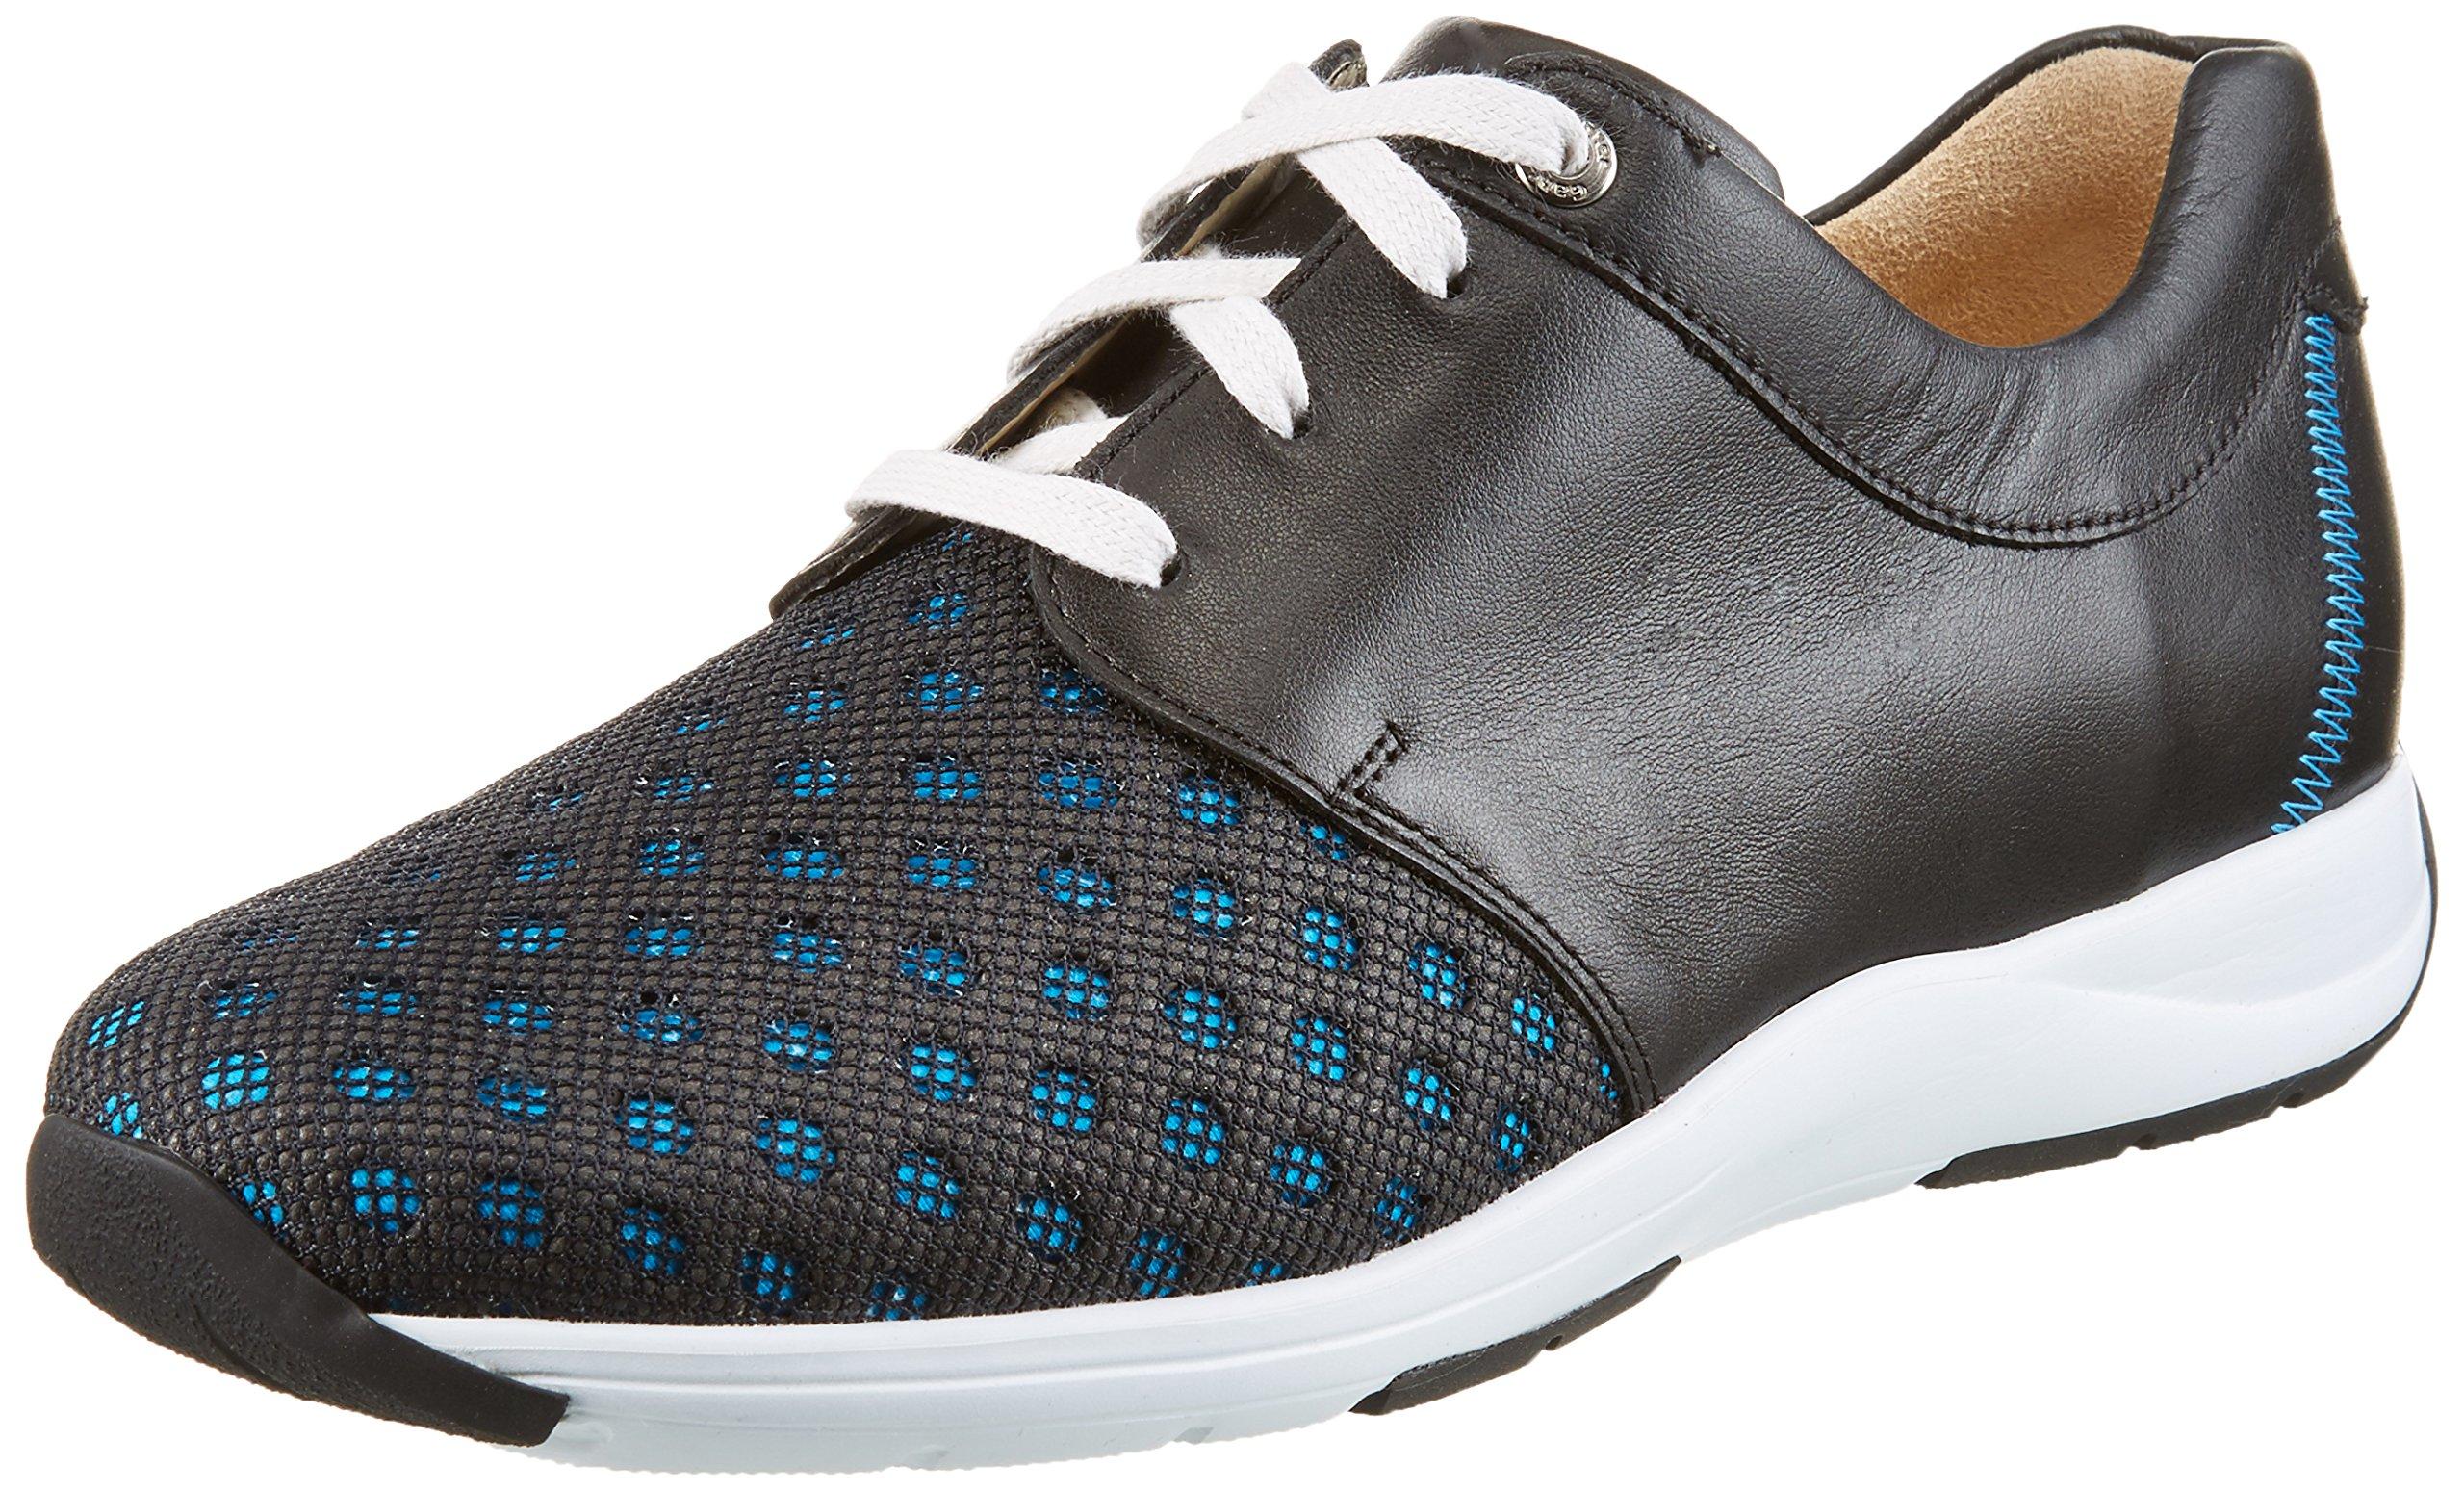 manufacture FemmeMehrfarbigblue Gianna Uk gSneakers Size Ganter Basses schwarz37 4 Eu XZkiTOPu